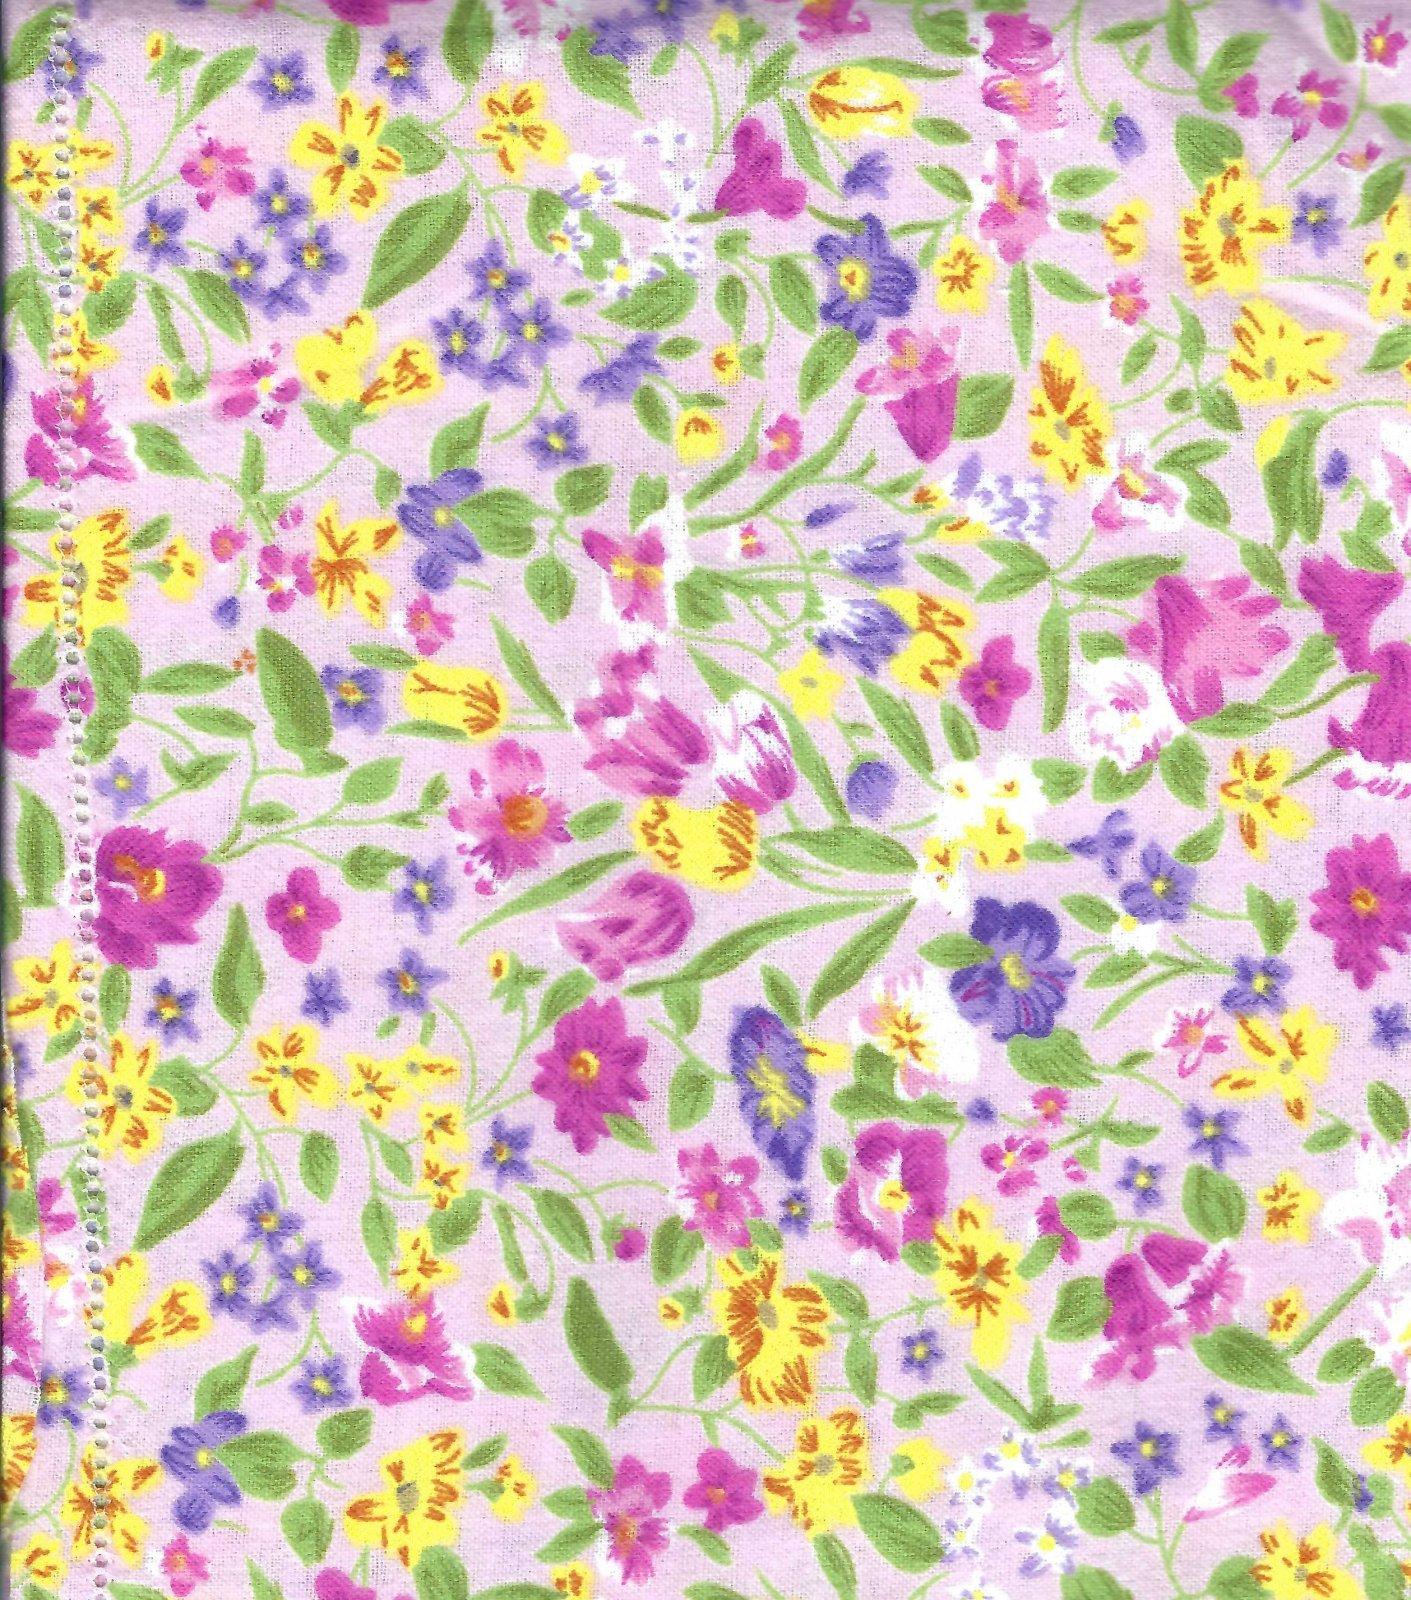 Flannel Hemstitched - Pink Floral